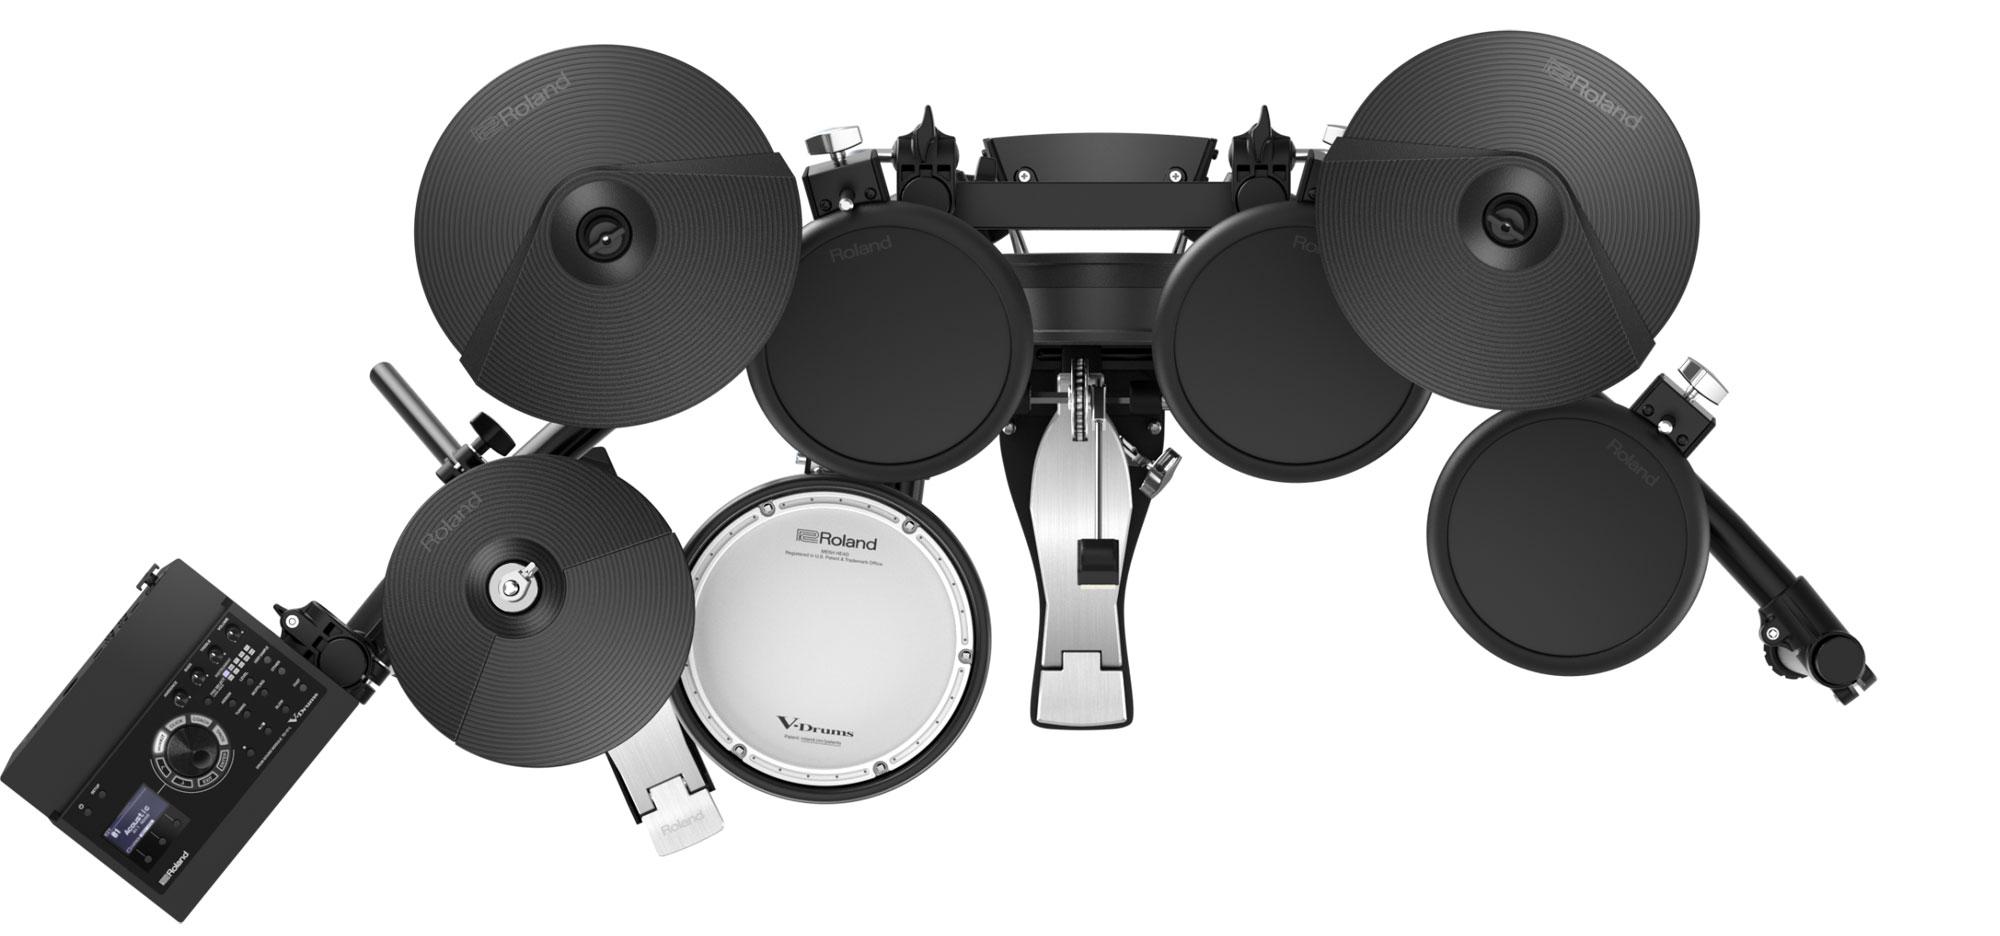 Roland - TD-17 Series | V-Drums